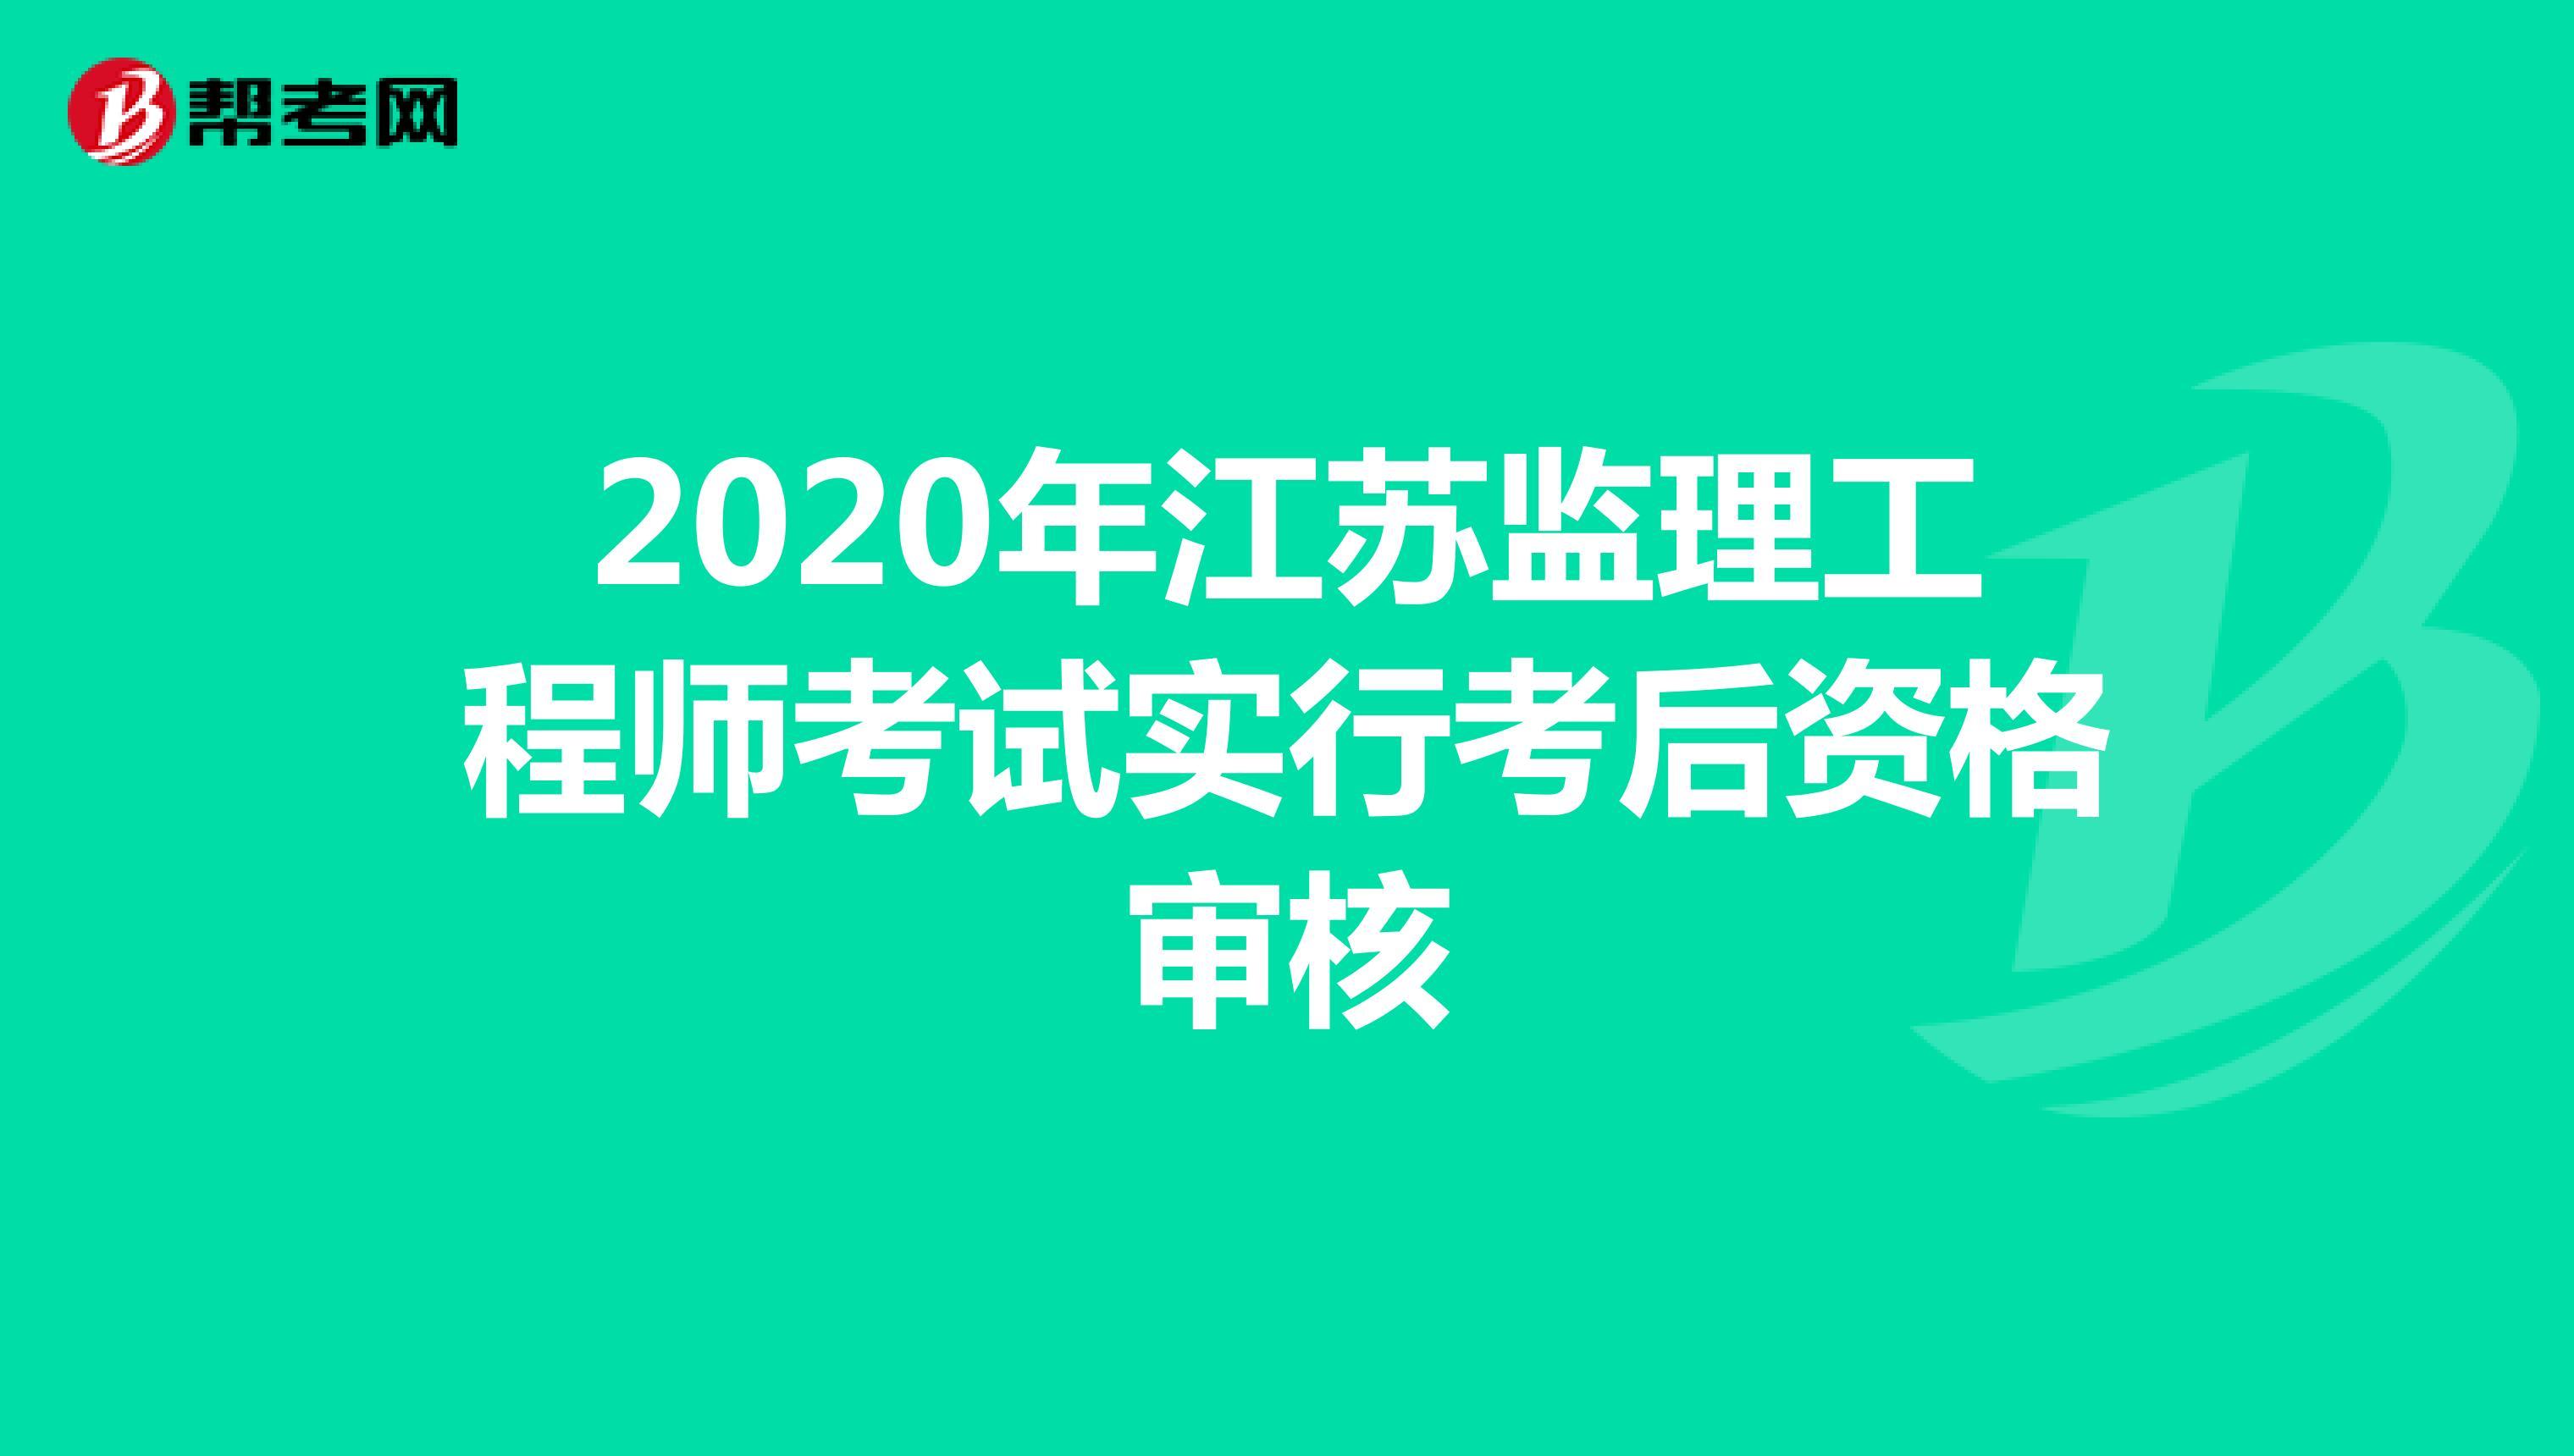 2020年江苏监理工程师考试实行考后资格审核